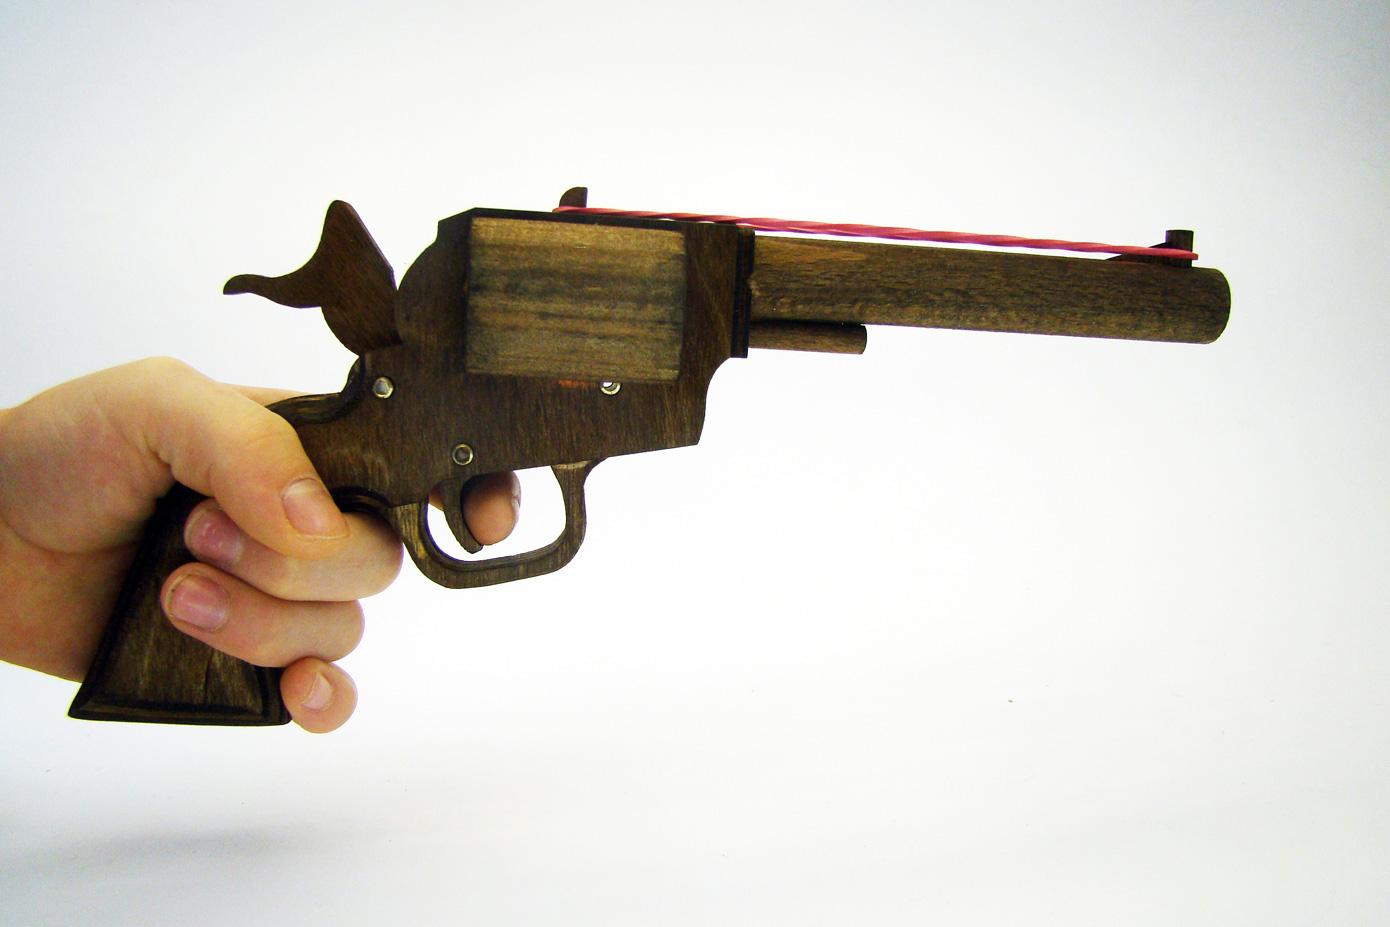 Colt PeaceMaker стреляет резинками изображение 3